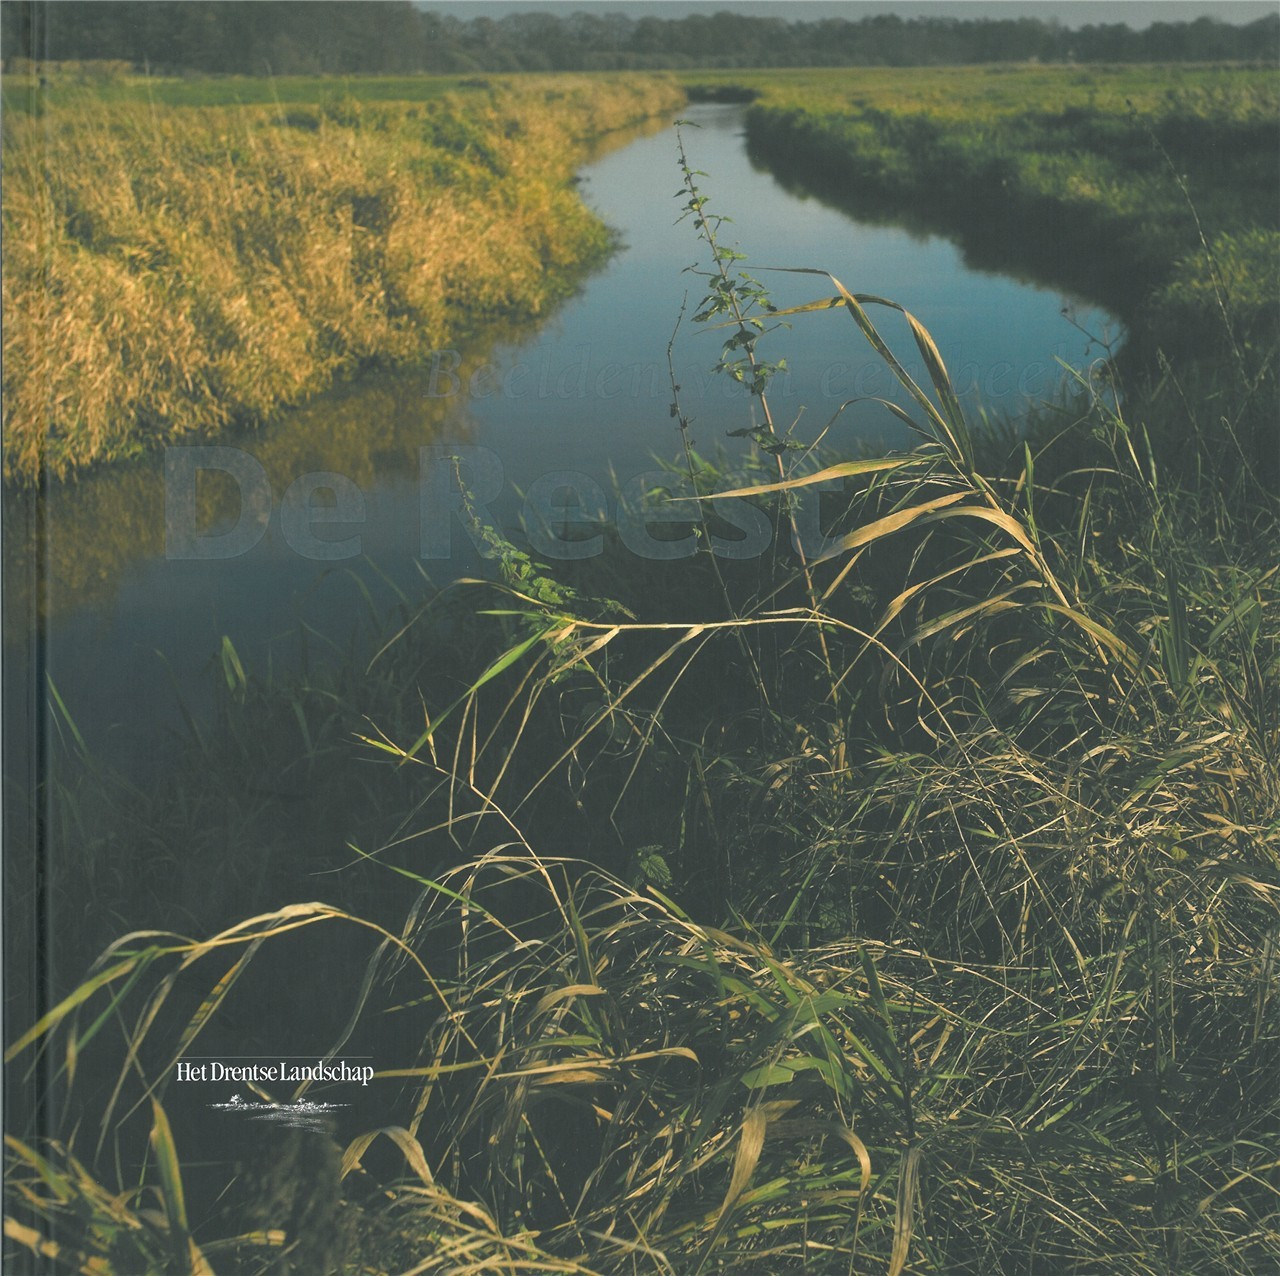 Fotoboek De Reest   Drents Landschap   Harry Cock, Bertus Boivin, Stichting Het Drentse Landschap